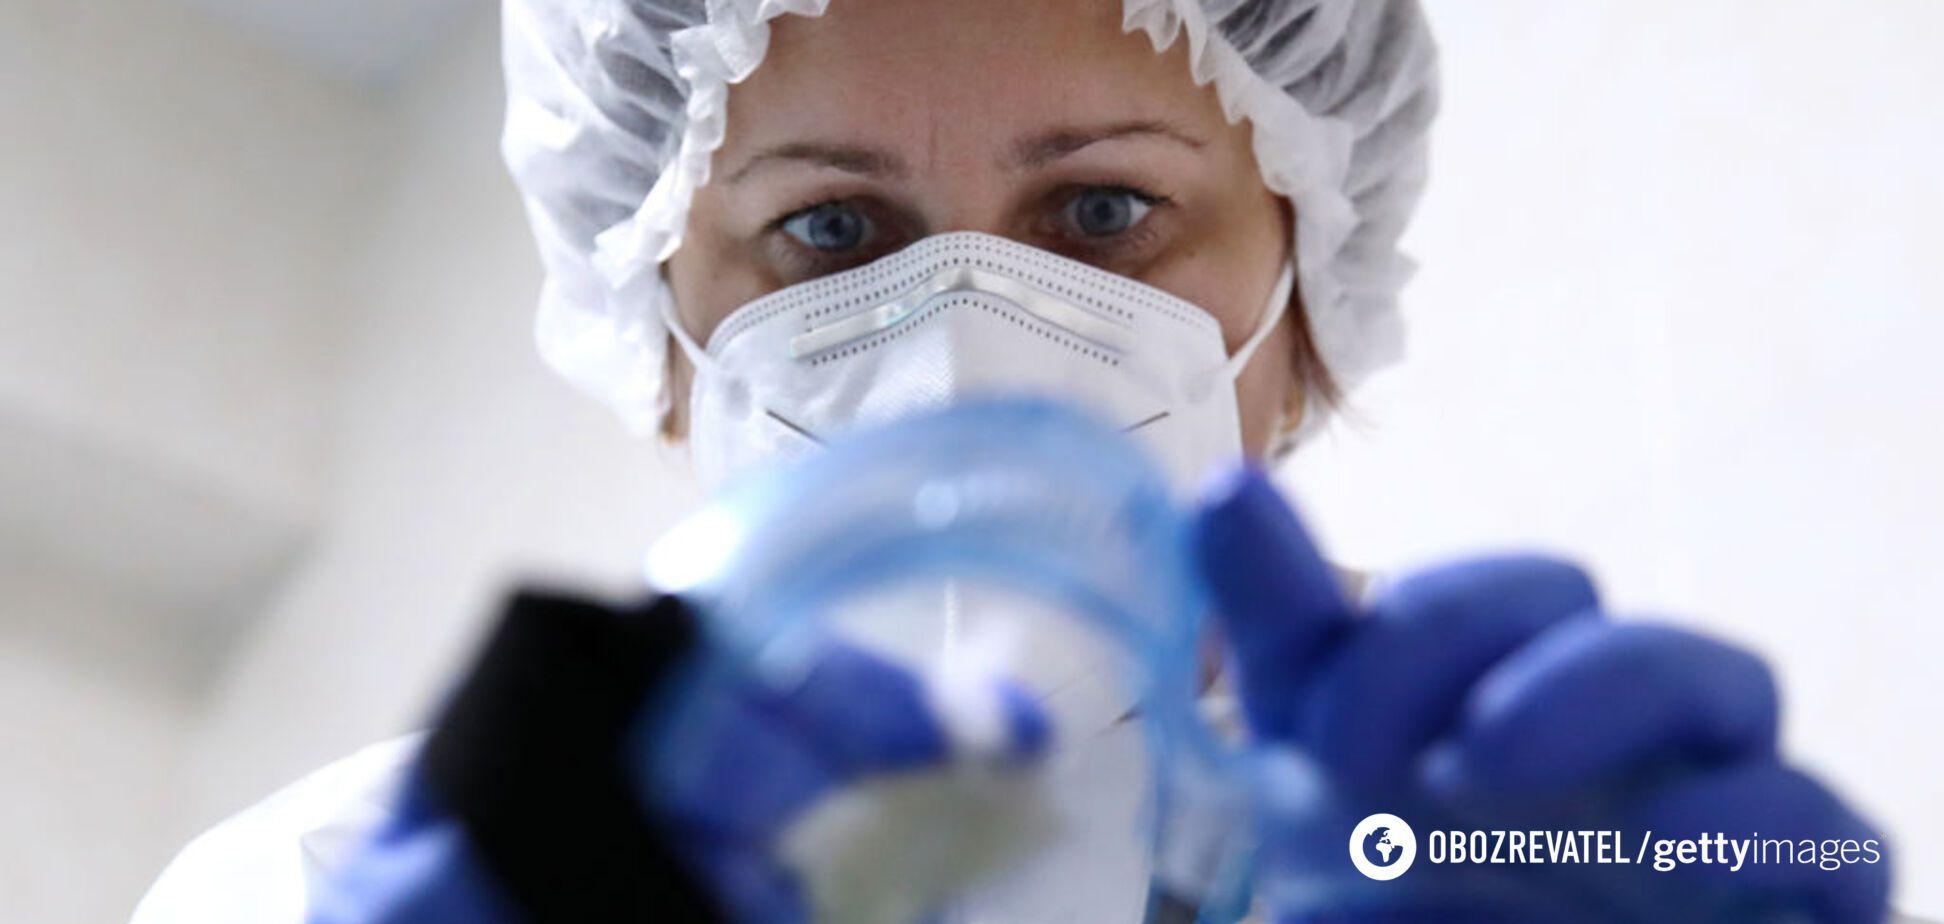 В России похвастались испытанием лекарства от COVID-19: препарат ранее признали опасным